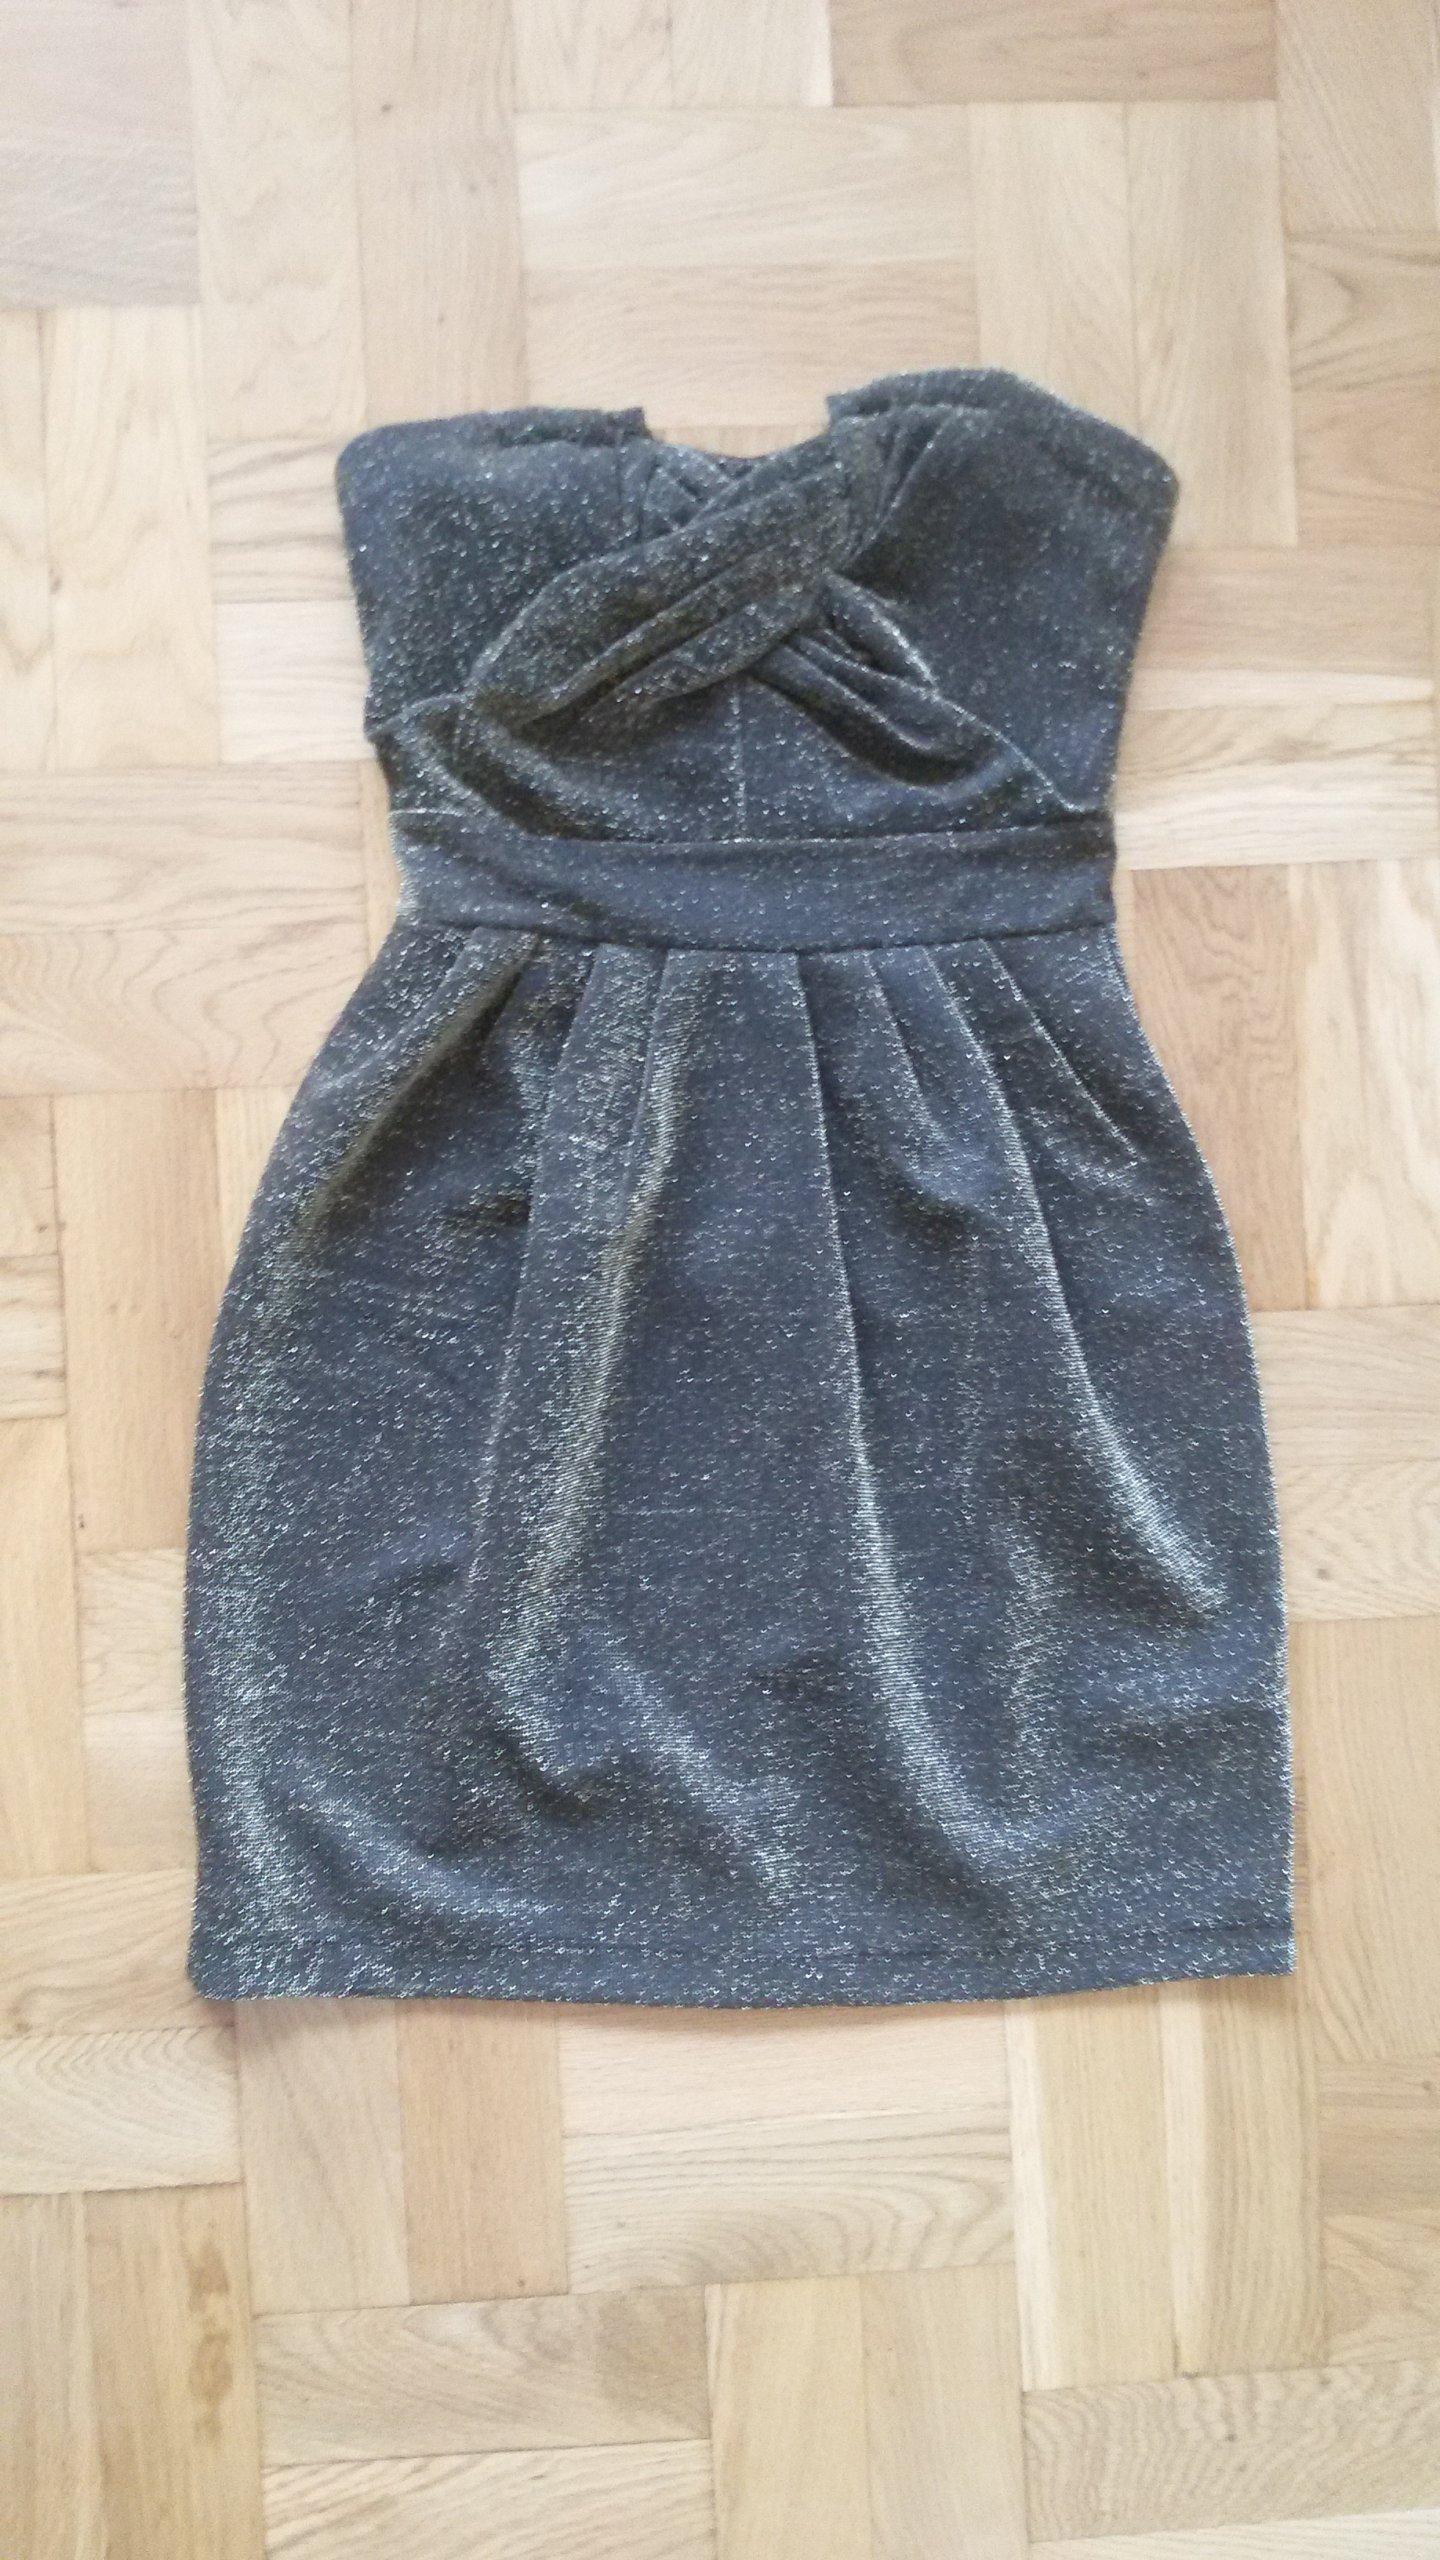 83bfaa7b92 Sukienka złota na Sylwestra H M 38 M j. nowa - 7054072648 ...